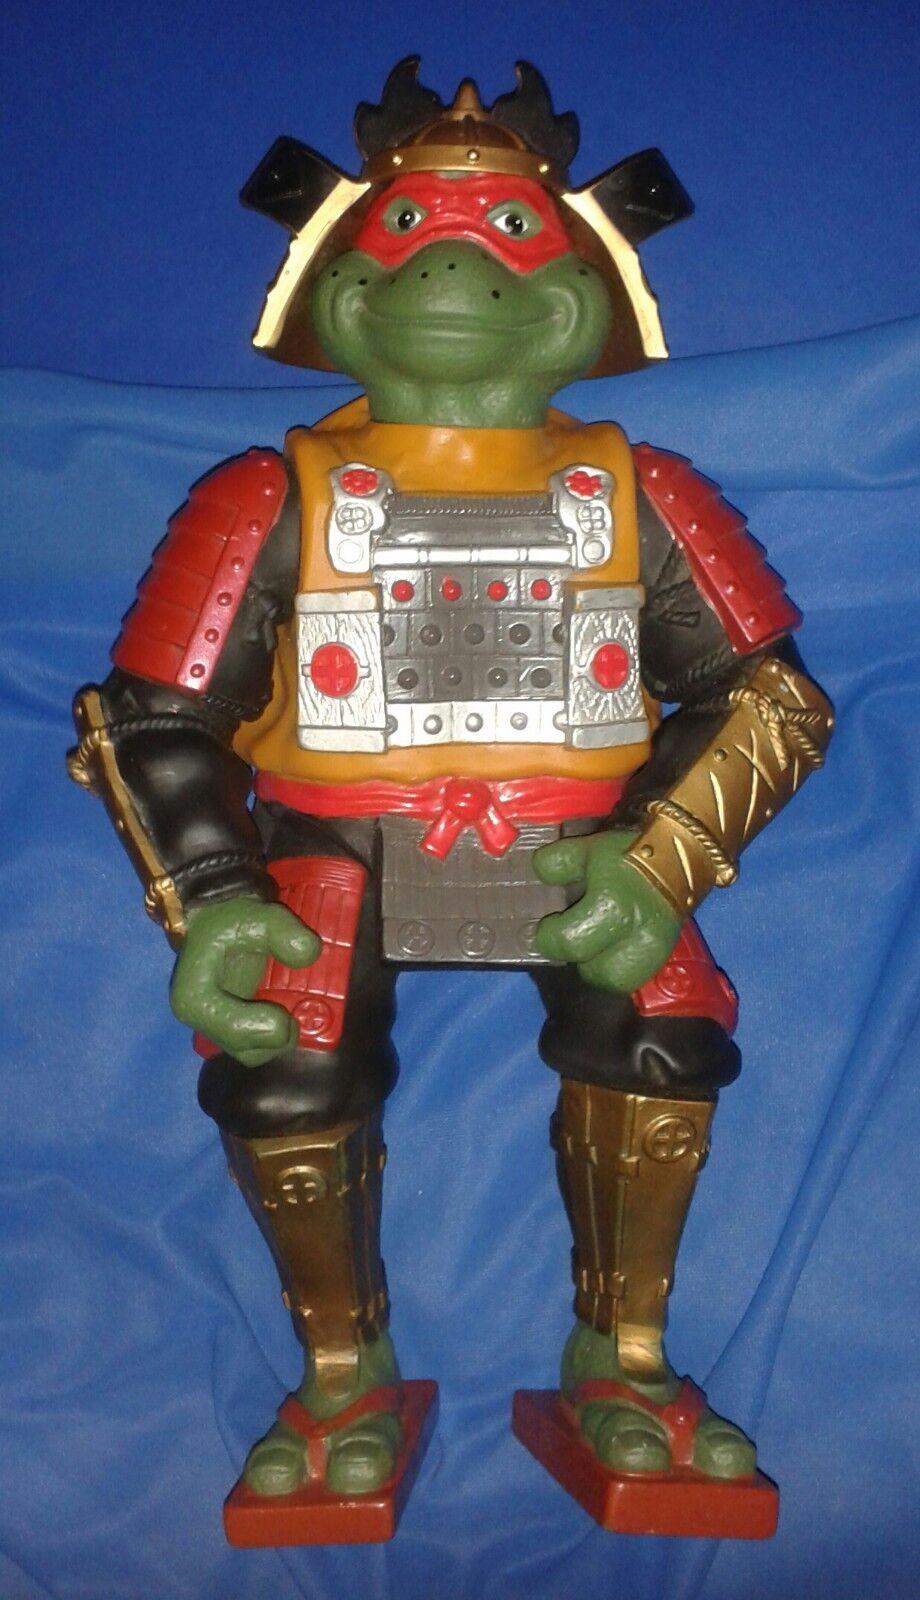 1993 *** MOVIE III 3 GIGANTE 12  RAPH RAFFAELLO ** Teenage Mutant Ninja Turtles TMNT